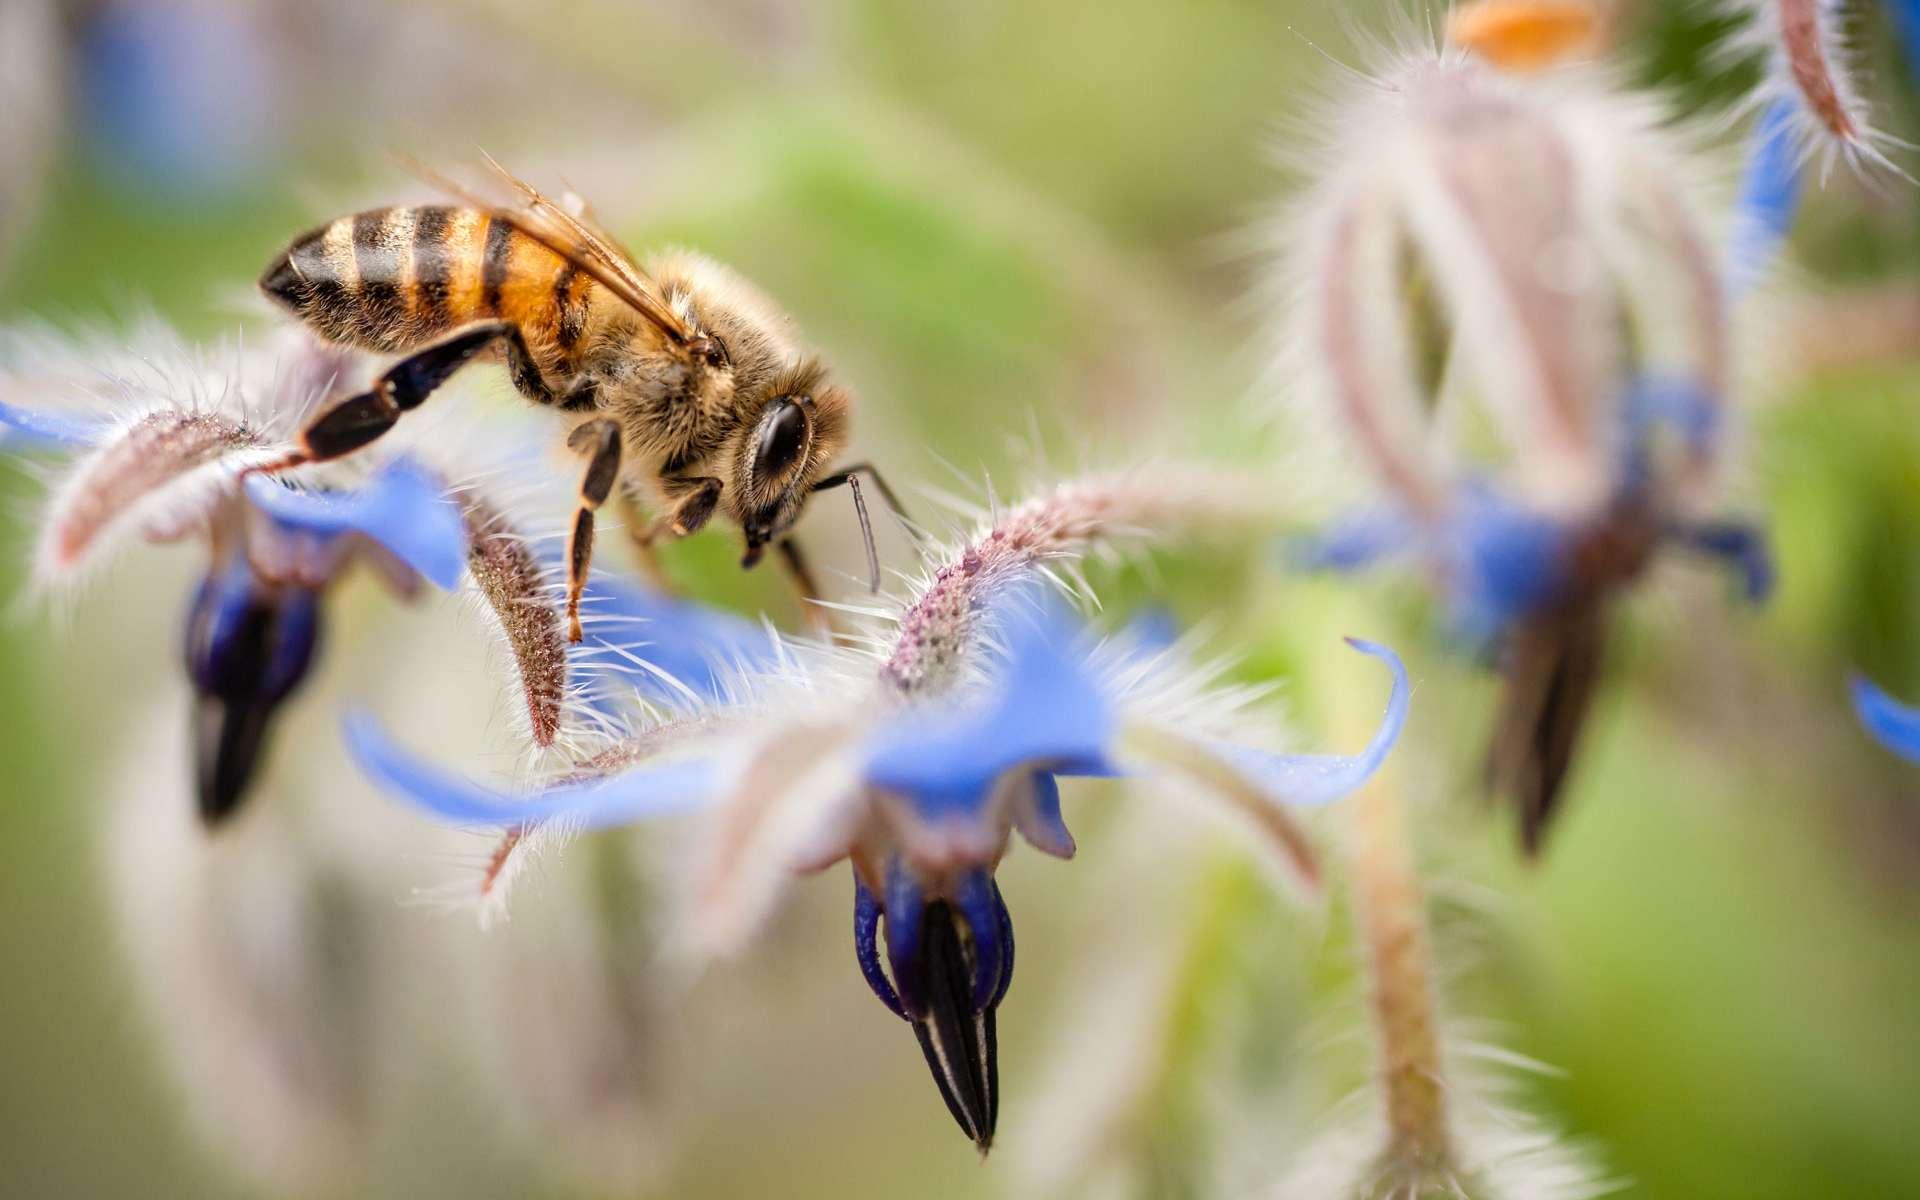 Les abeilles reconnaissent les membres de leur ruche grâce à des molécules présentes sur leur peau. © alessandrozocc